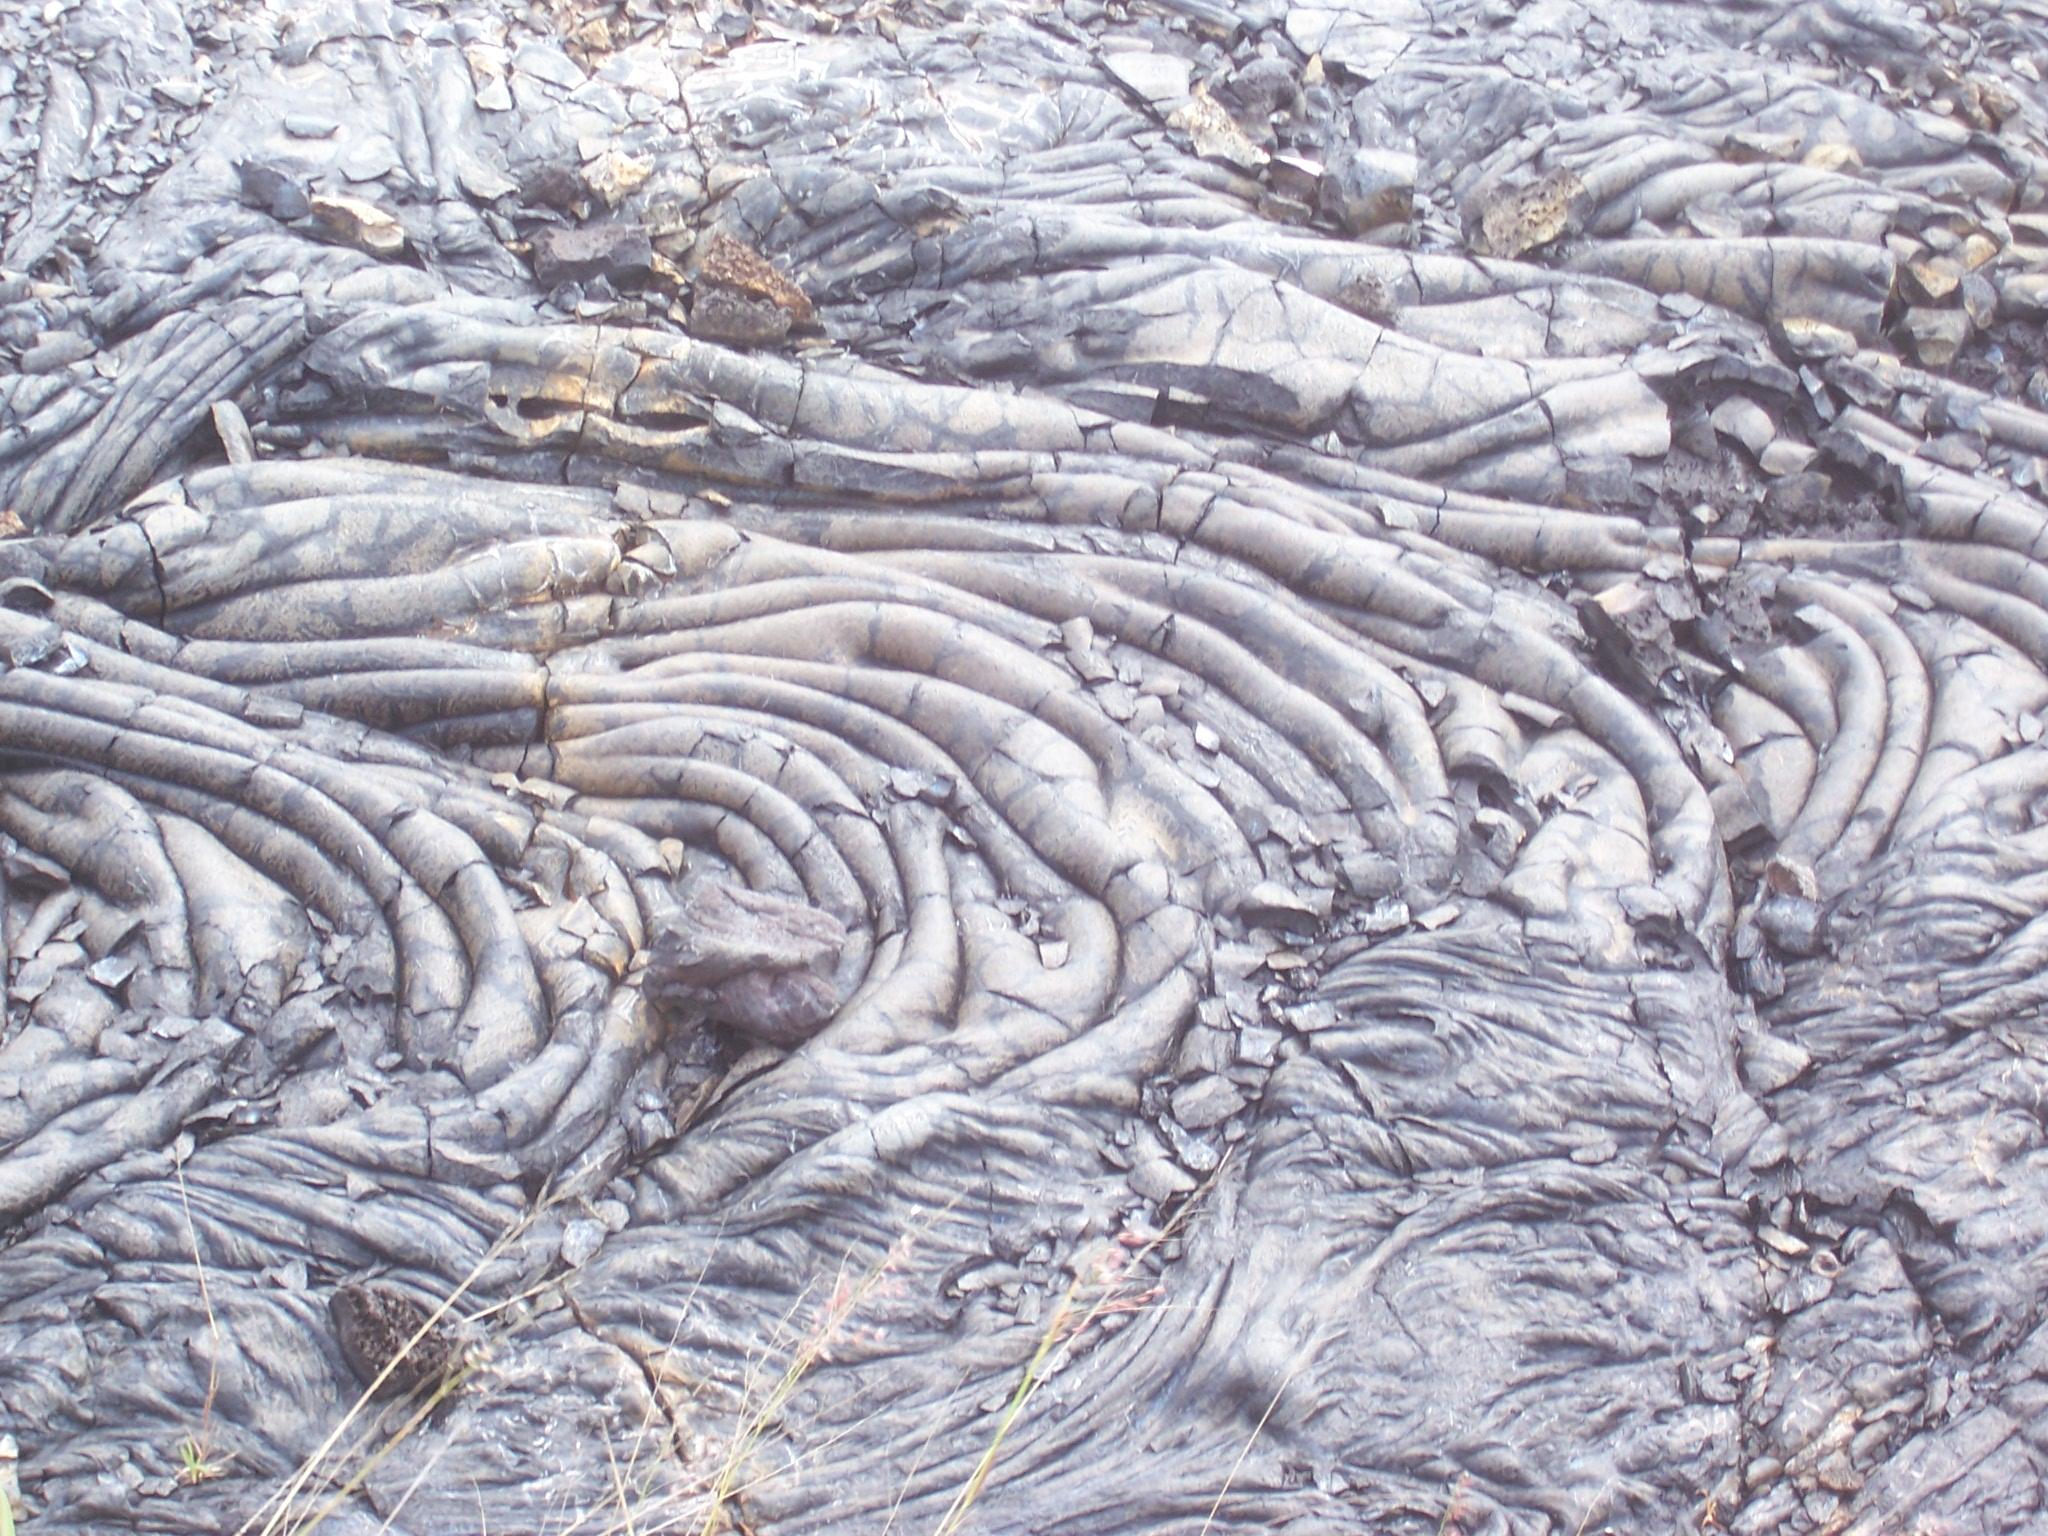 cooled lava